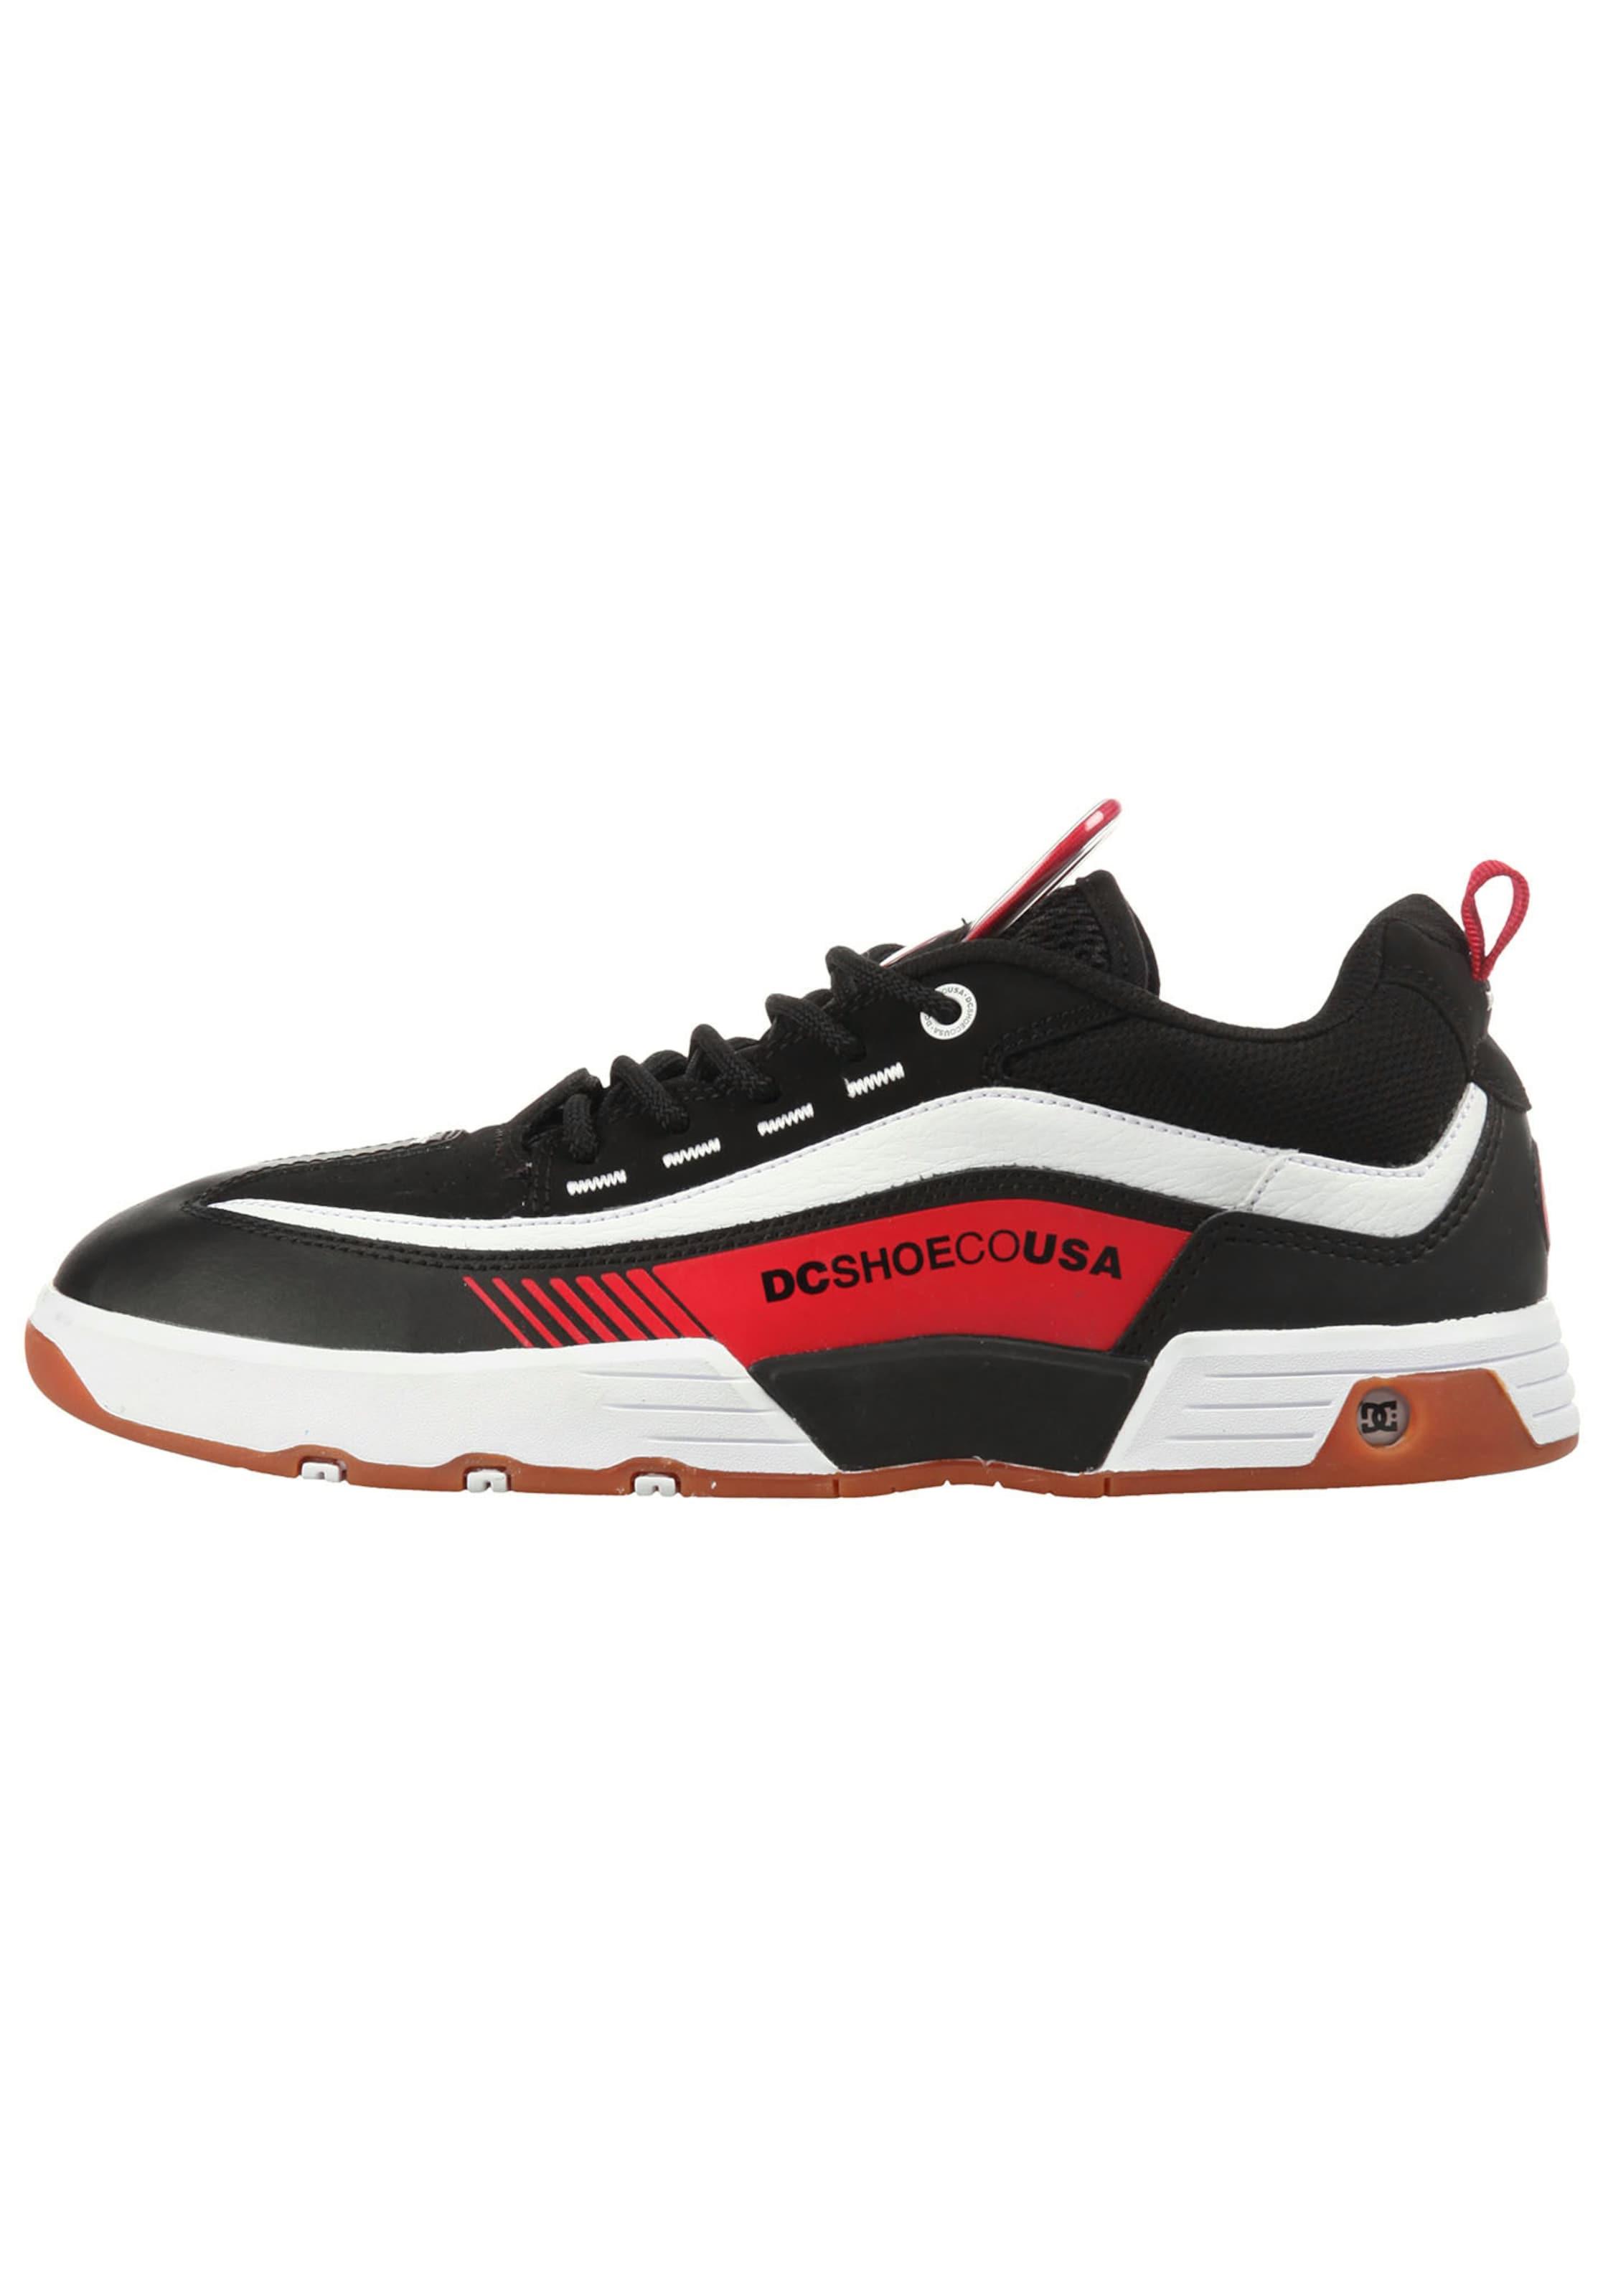 Weiß Dc 98 Slm' 'legacy Sneaker In Shoes RotSchwarz 3RjAL54